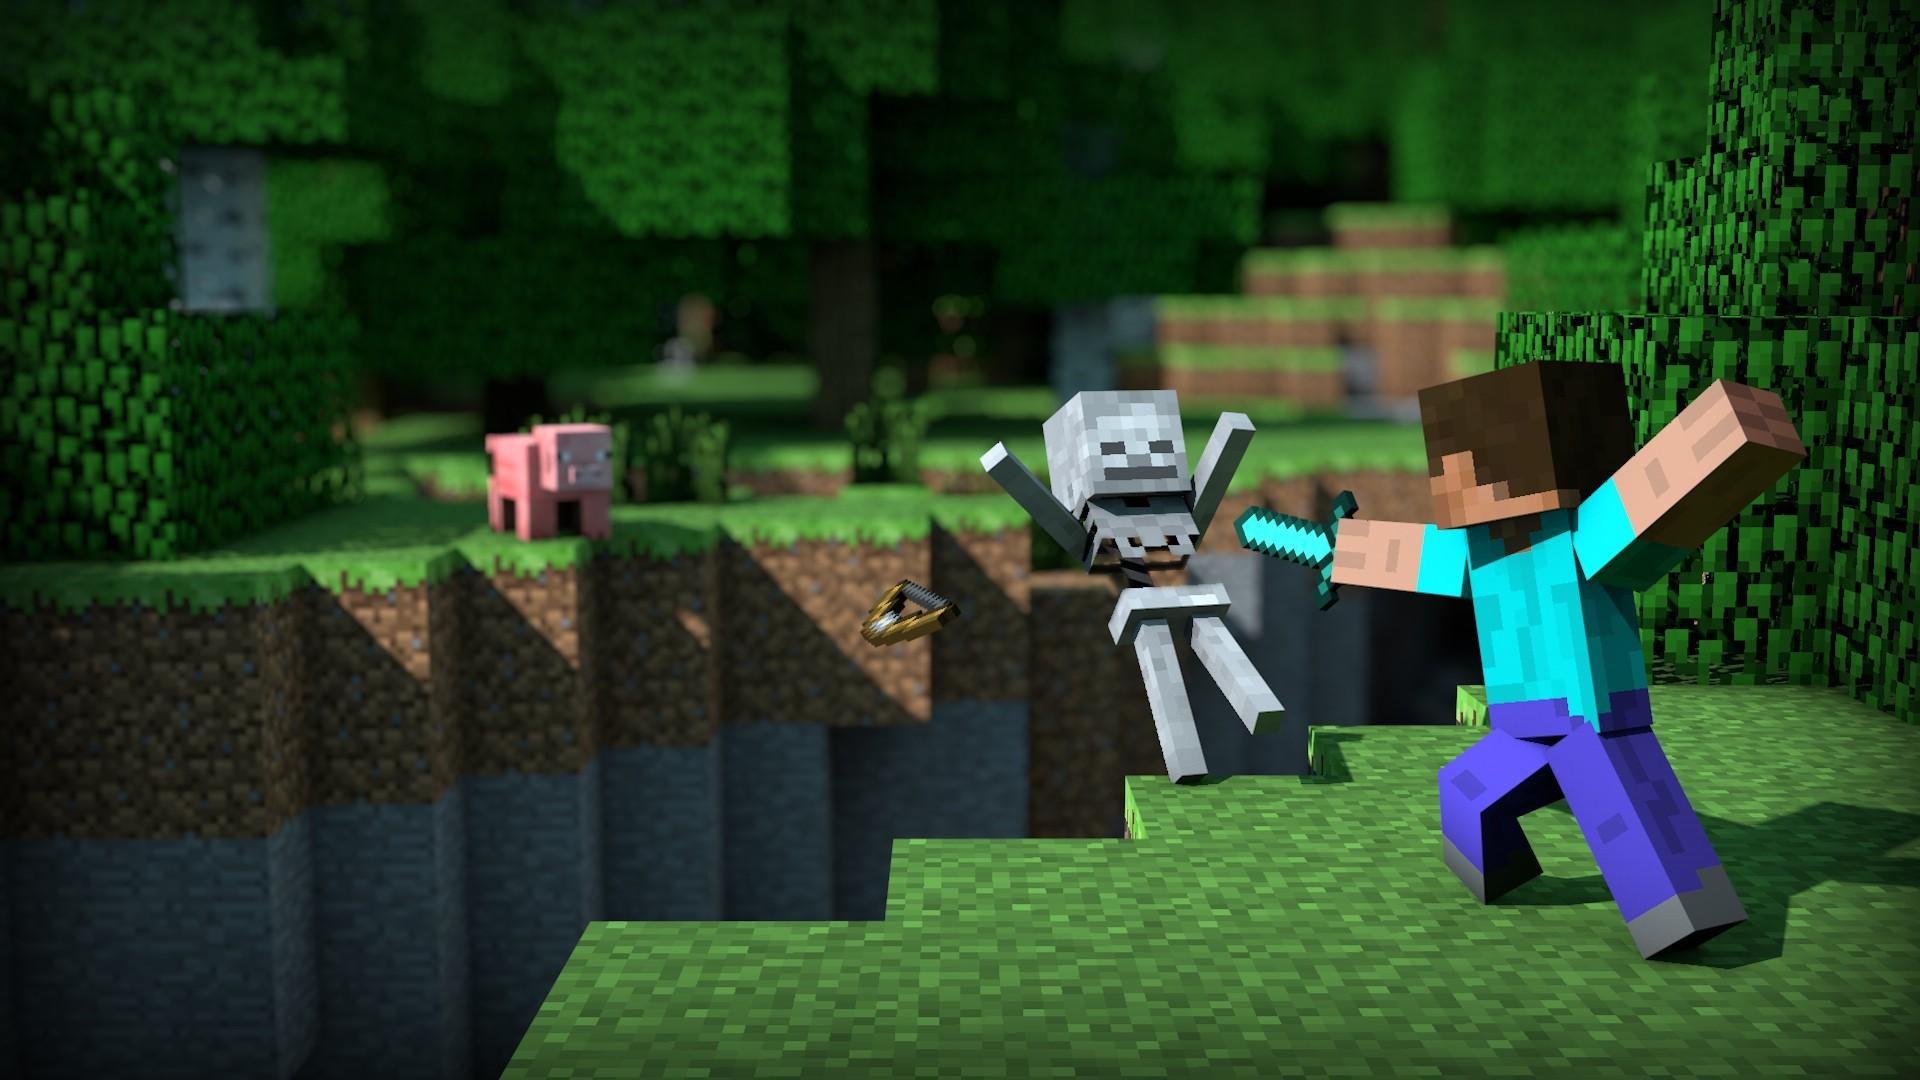 Hintergrundbilder Videospiele Schweine Minecraft Grün Steve - Minecraft spielen original